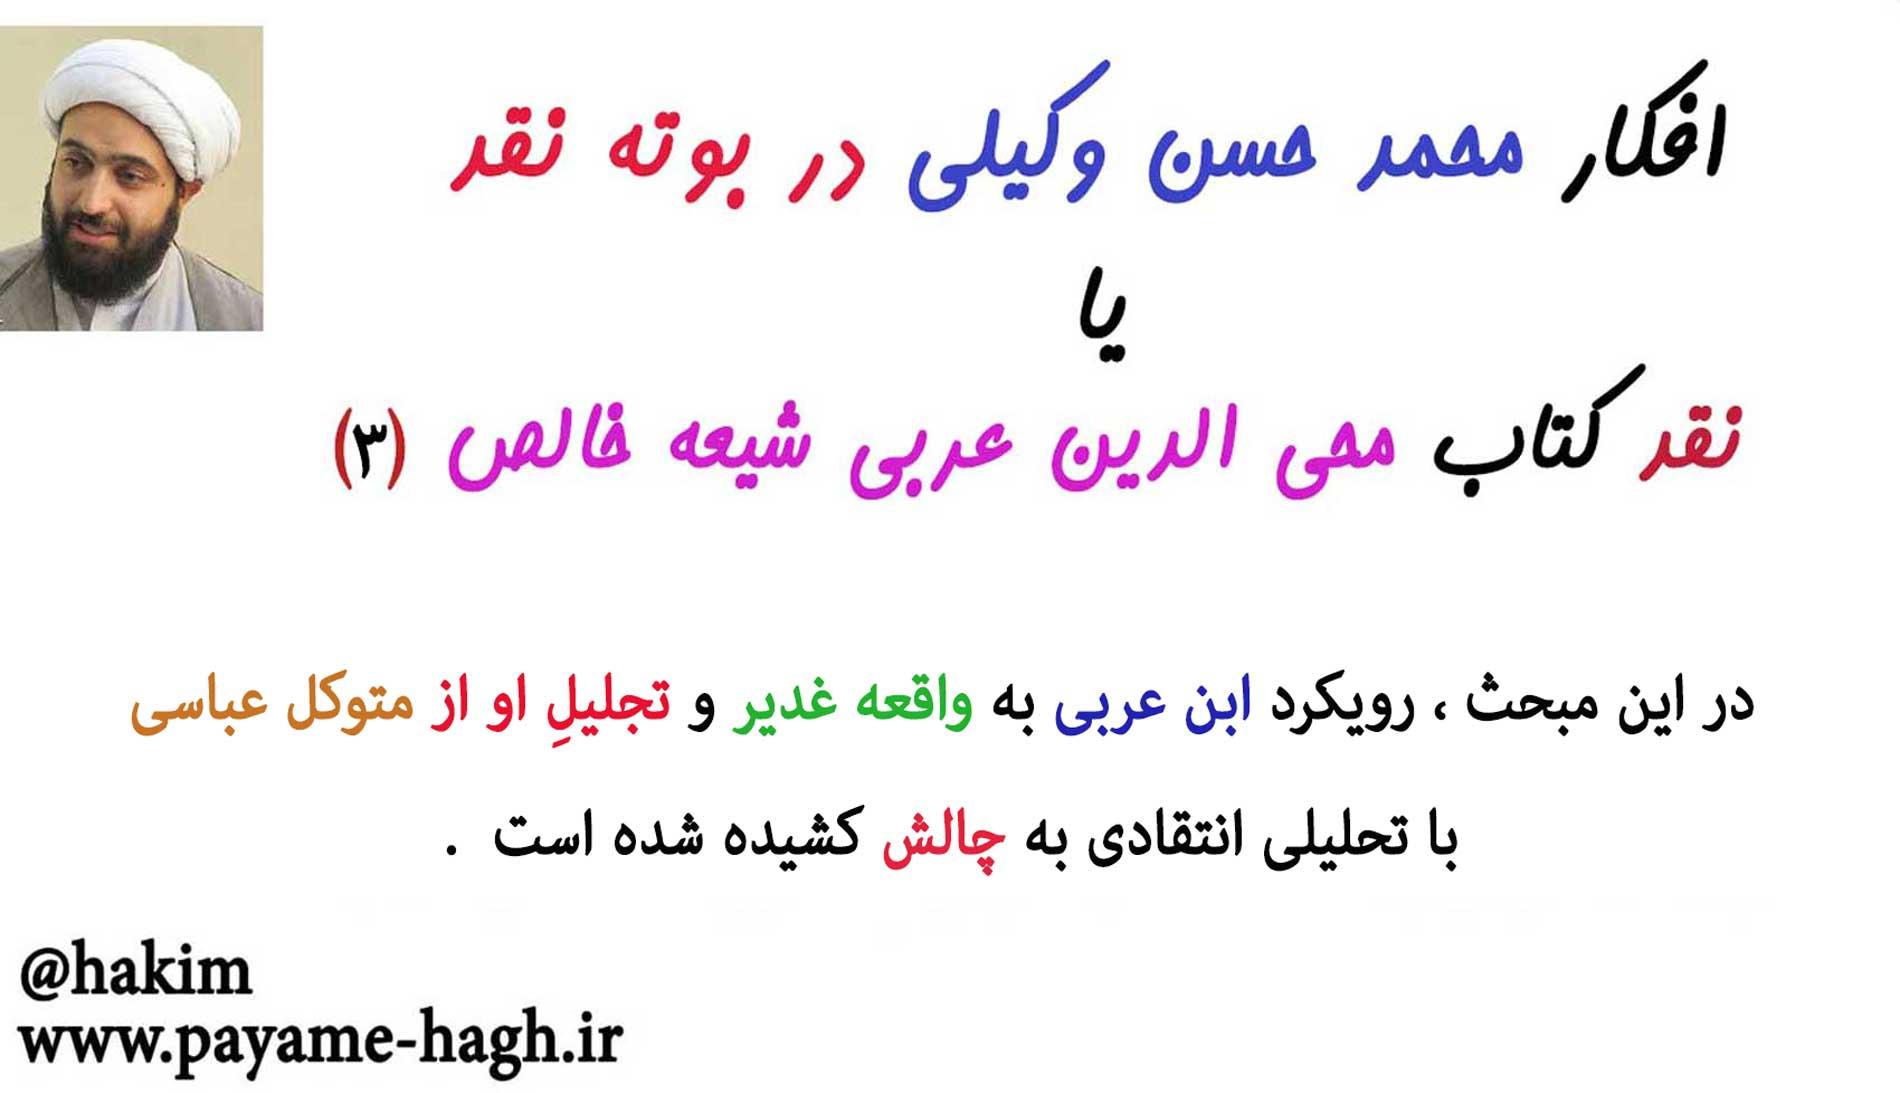 نقد کتاب محی الدین عربی شیعه خالص